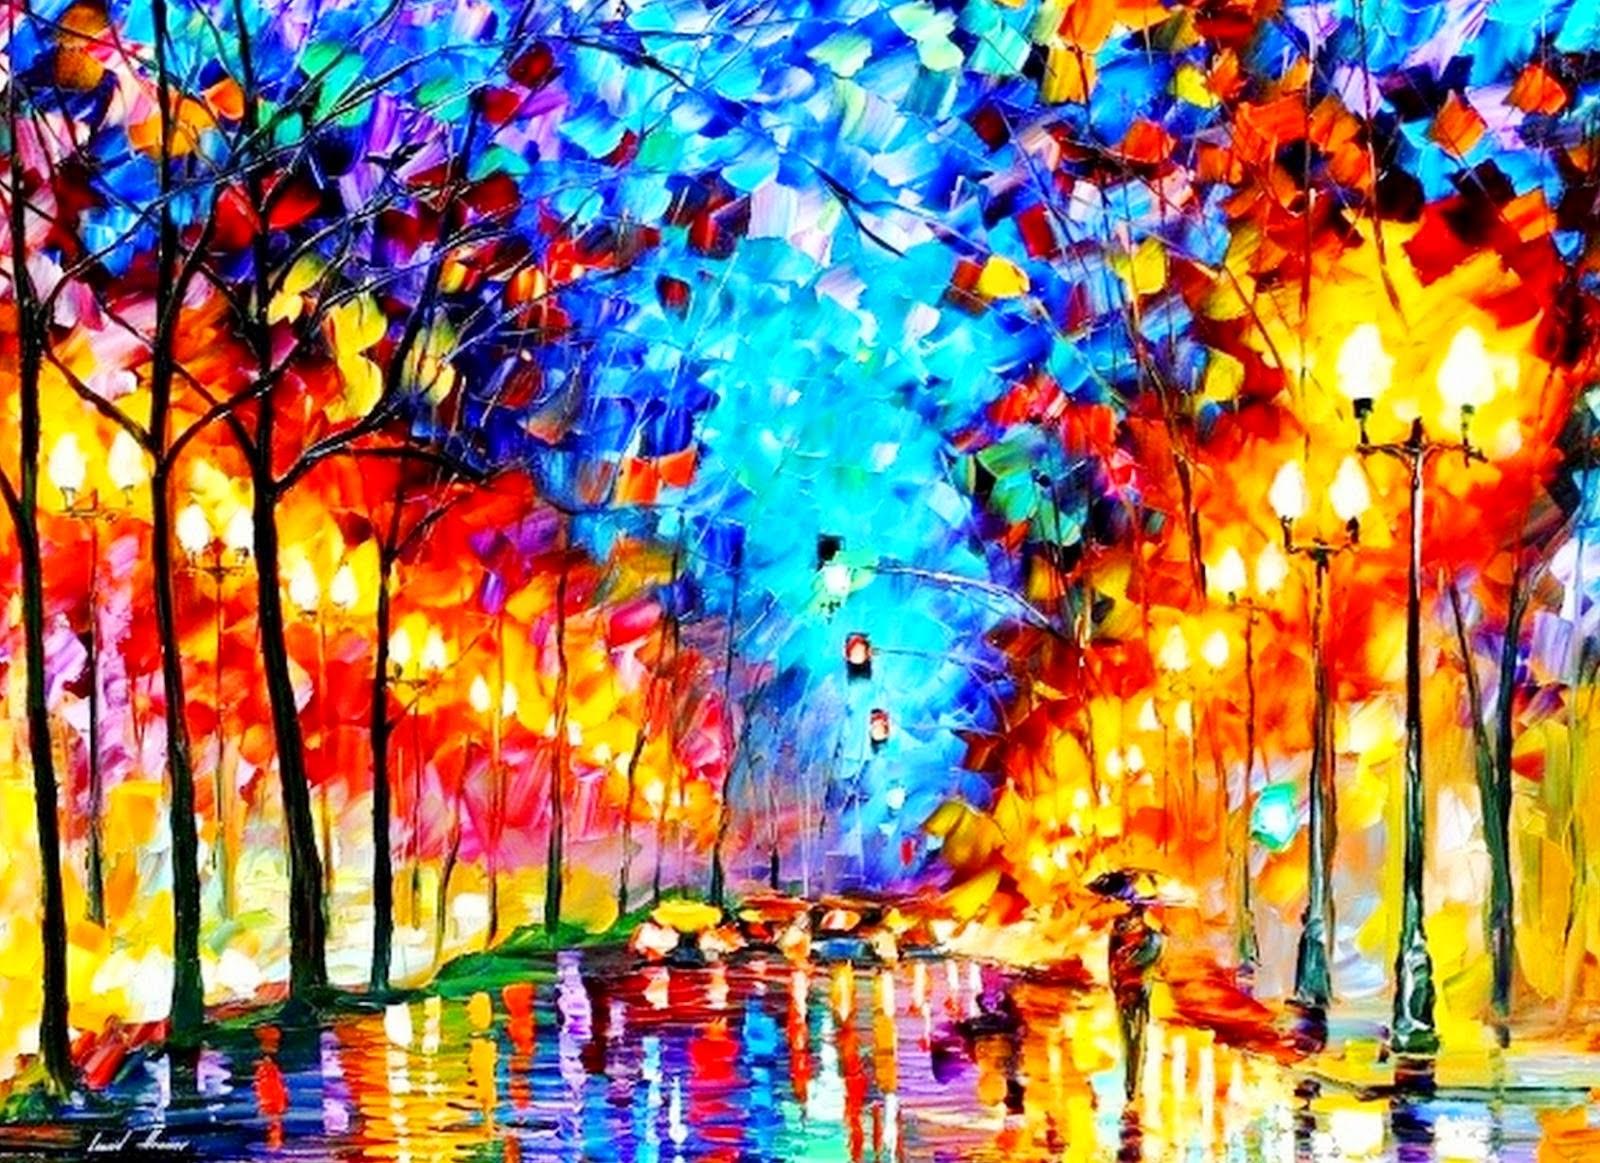 Violetas arte y color pintura leonid afremov - Cuadros de colores ...